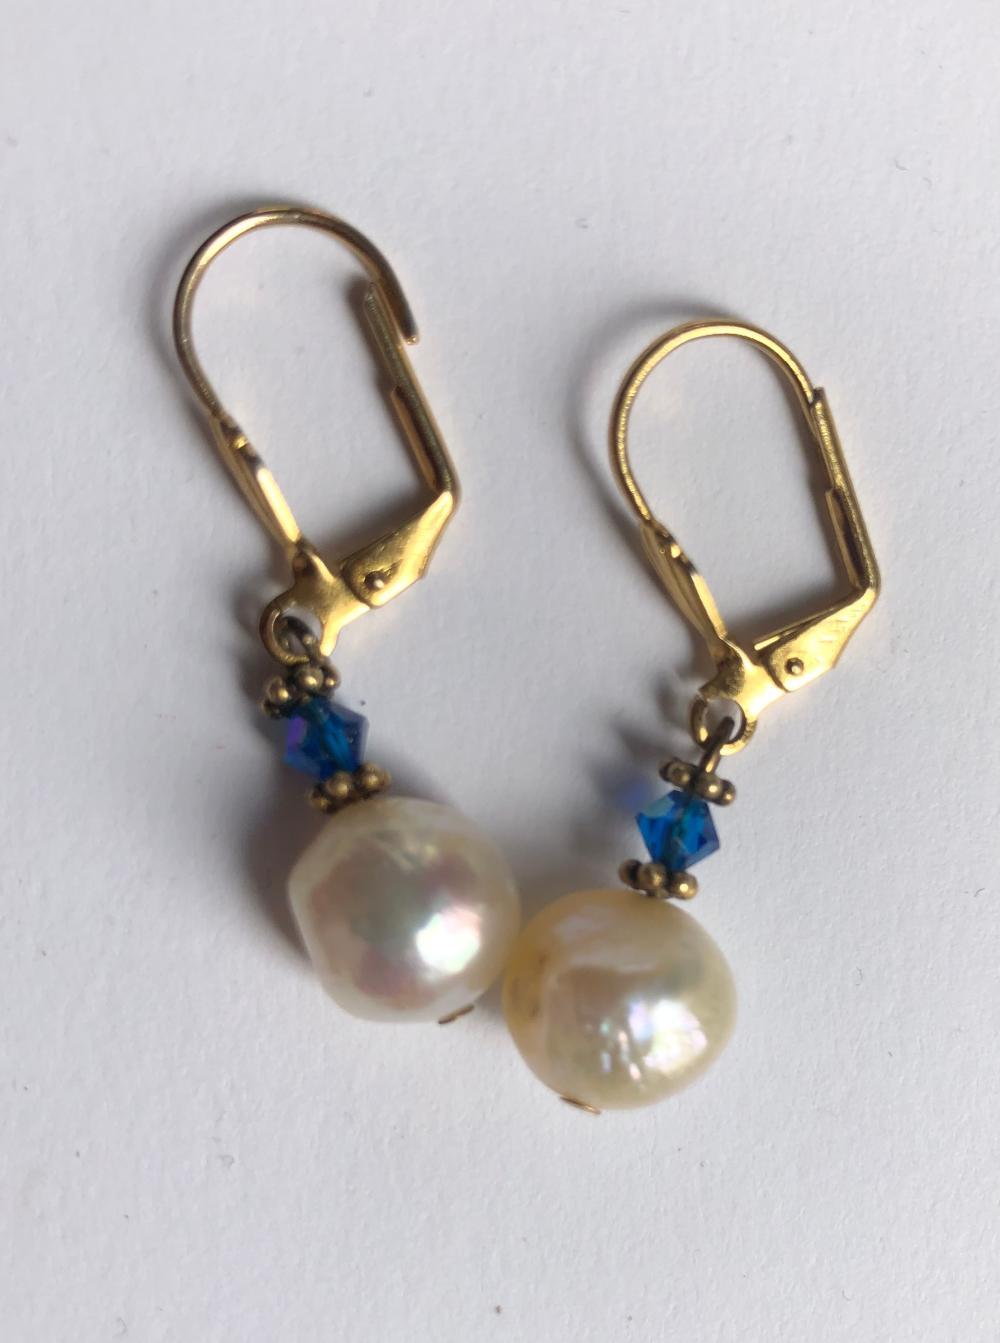 Pair of Pearl Earrings